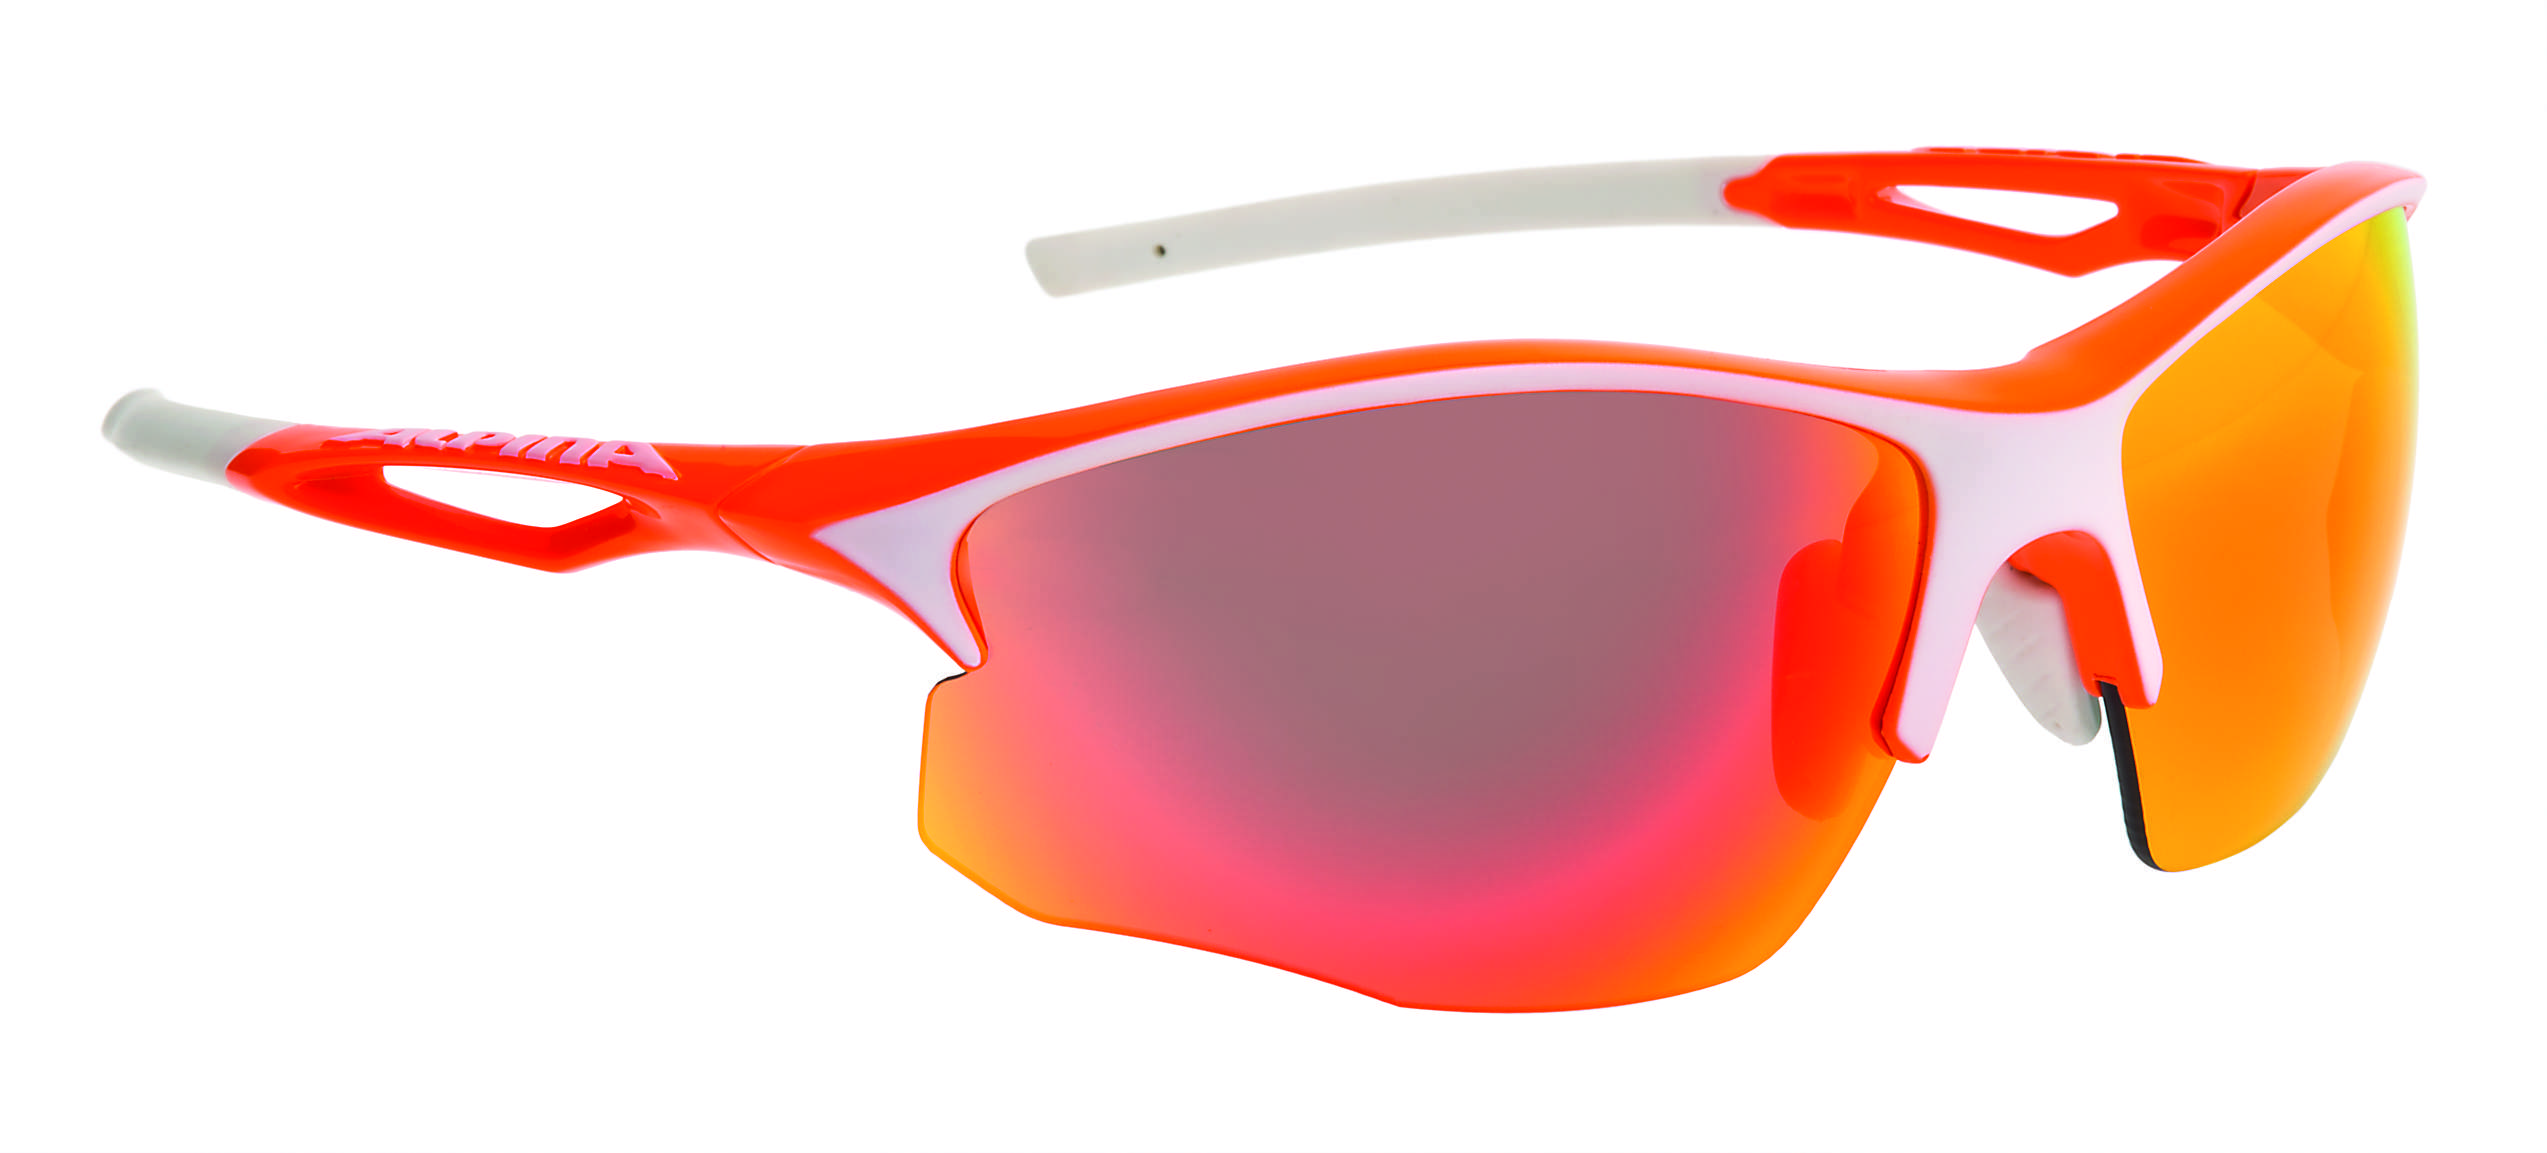 Очки солнцезащитные Alpina PERFORMANCE SORCERY HR CM+ orange-white matt 1180495  - купить со скидкой